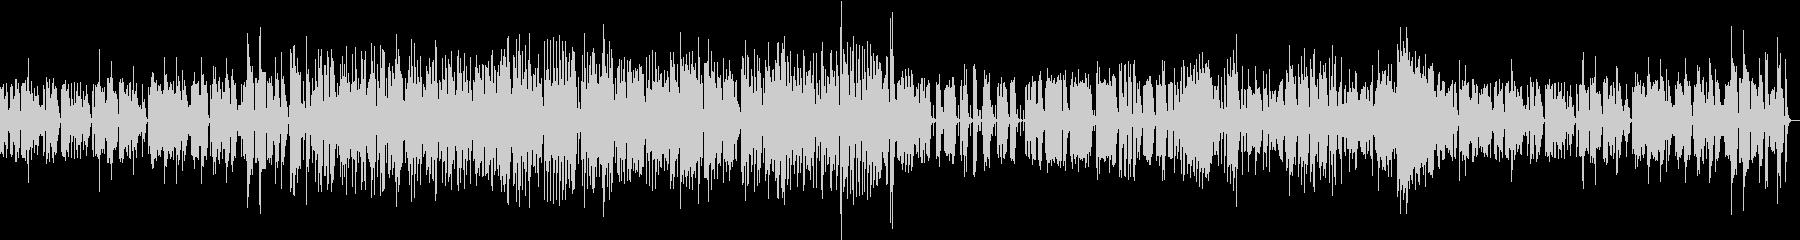 マリンバ・カルテットのジャズ・ブルースの未再生の波形